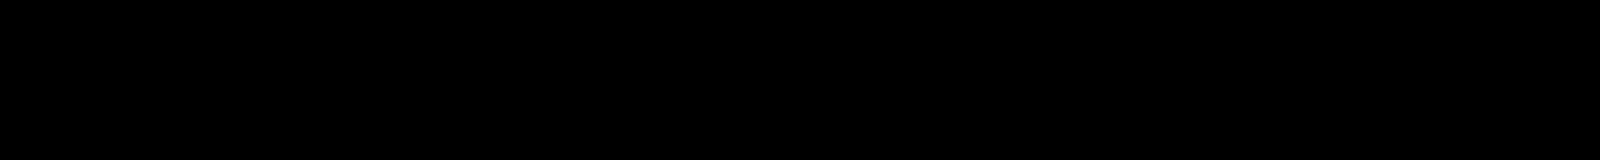 setas e efeitos negros - photo #4